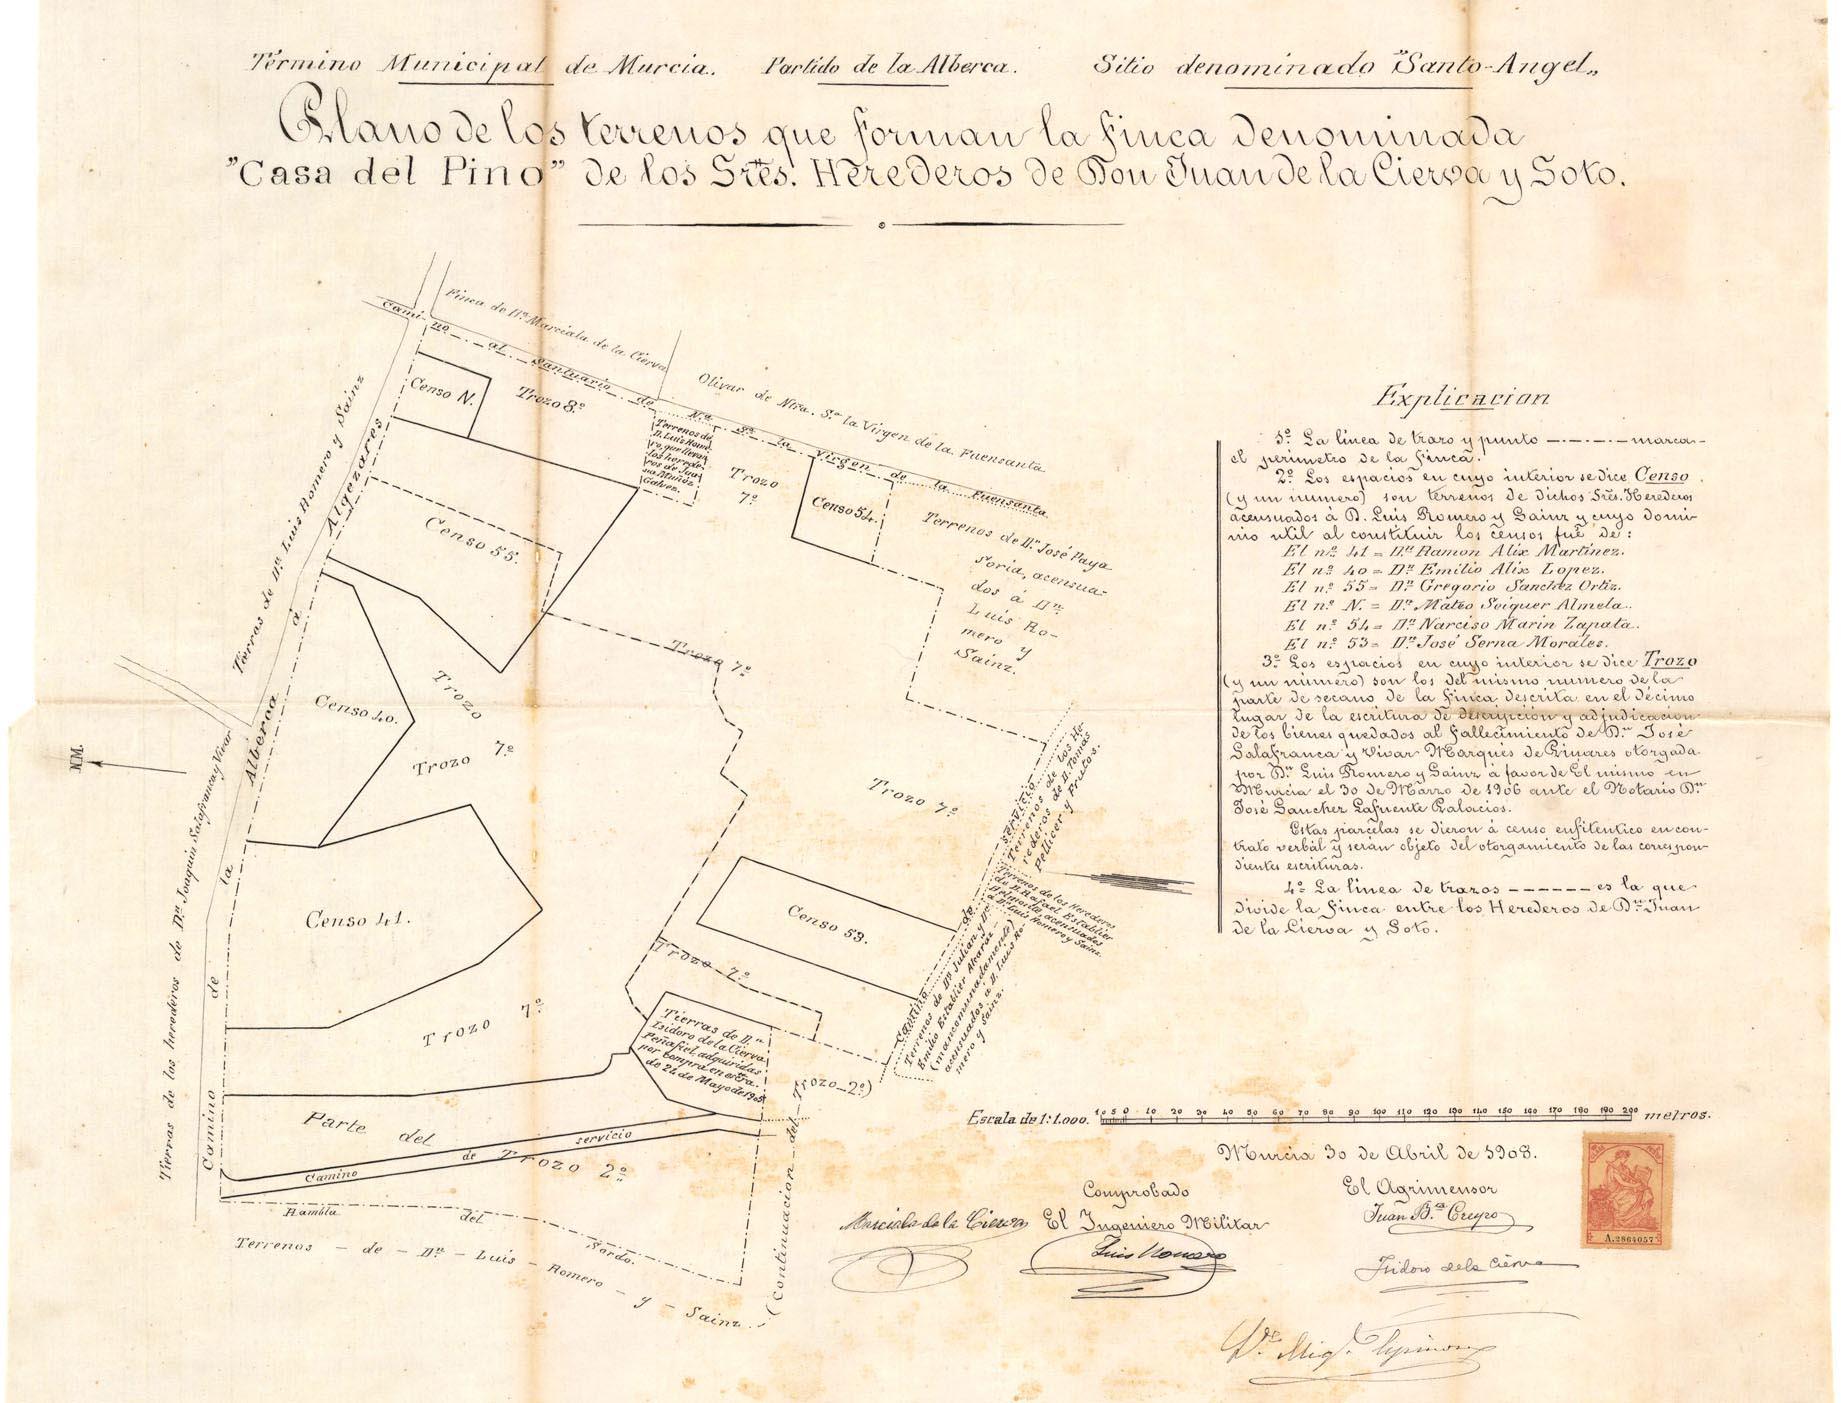 Plano casa del Pino en Santo Ángel